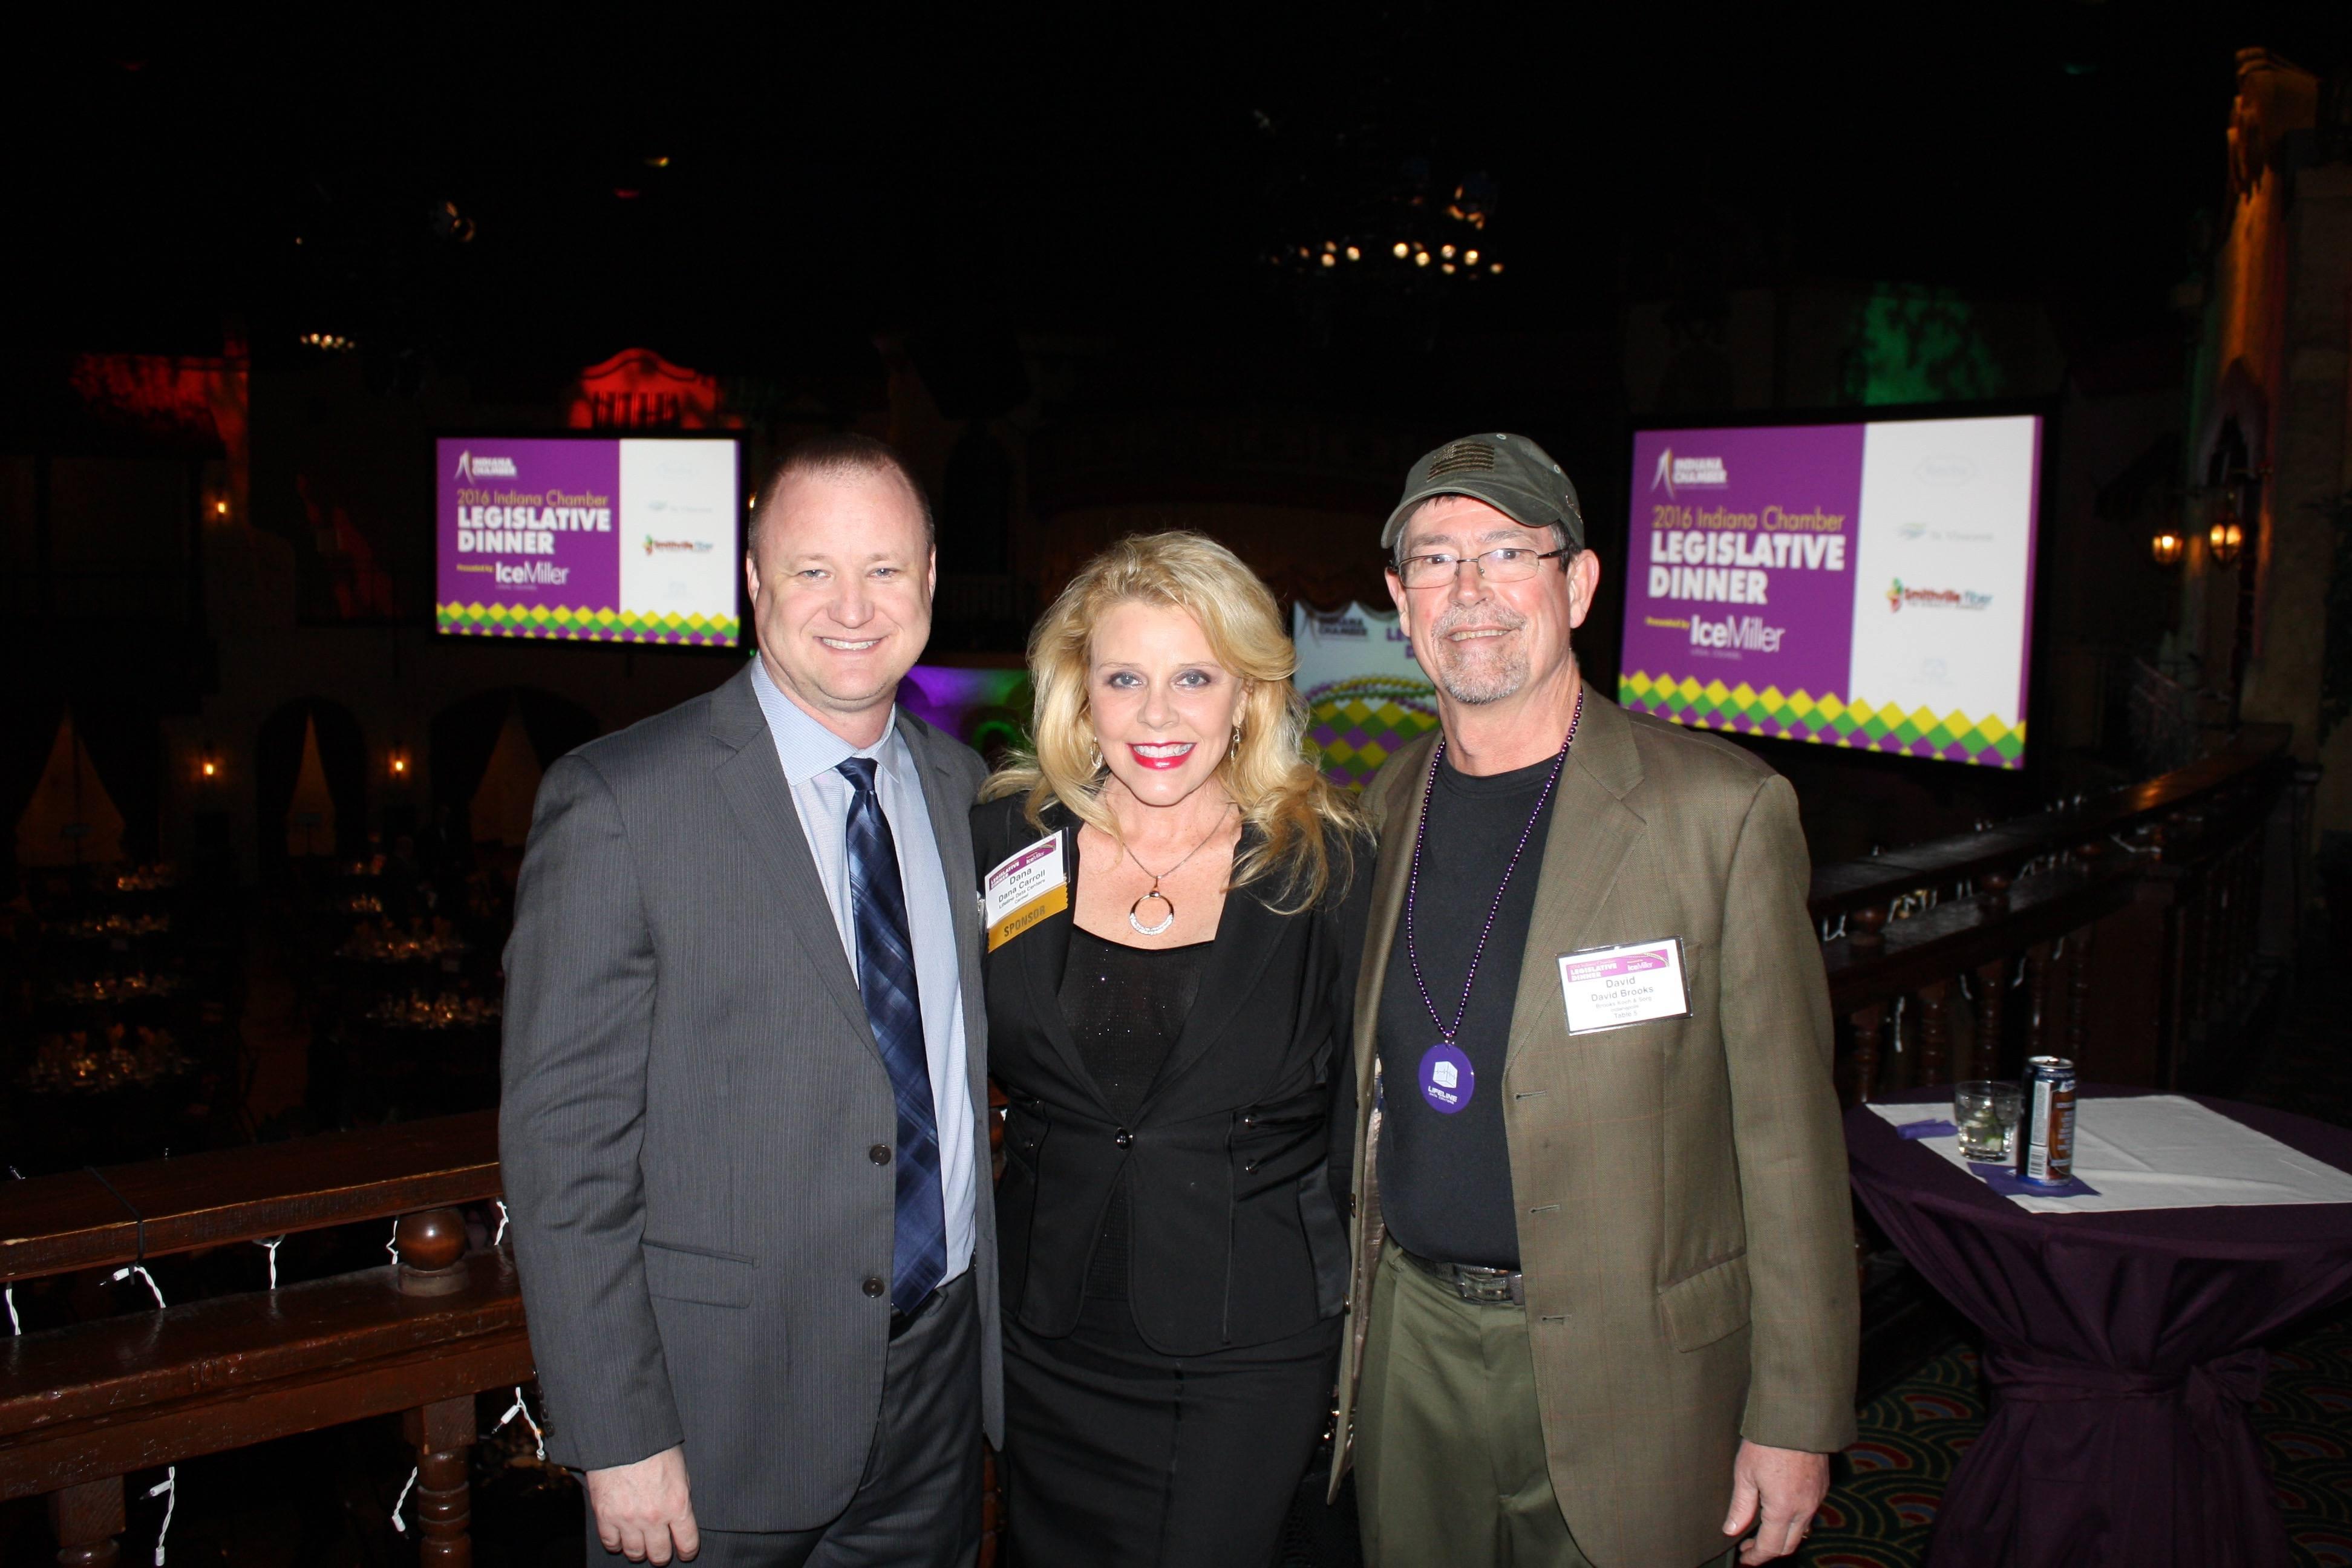 Dan Bobilya, Dana Carroll, and David Brookes